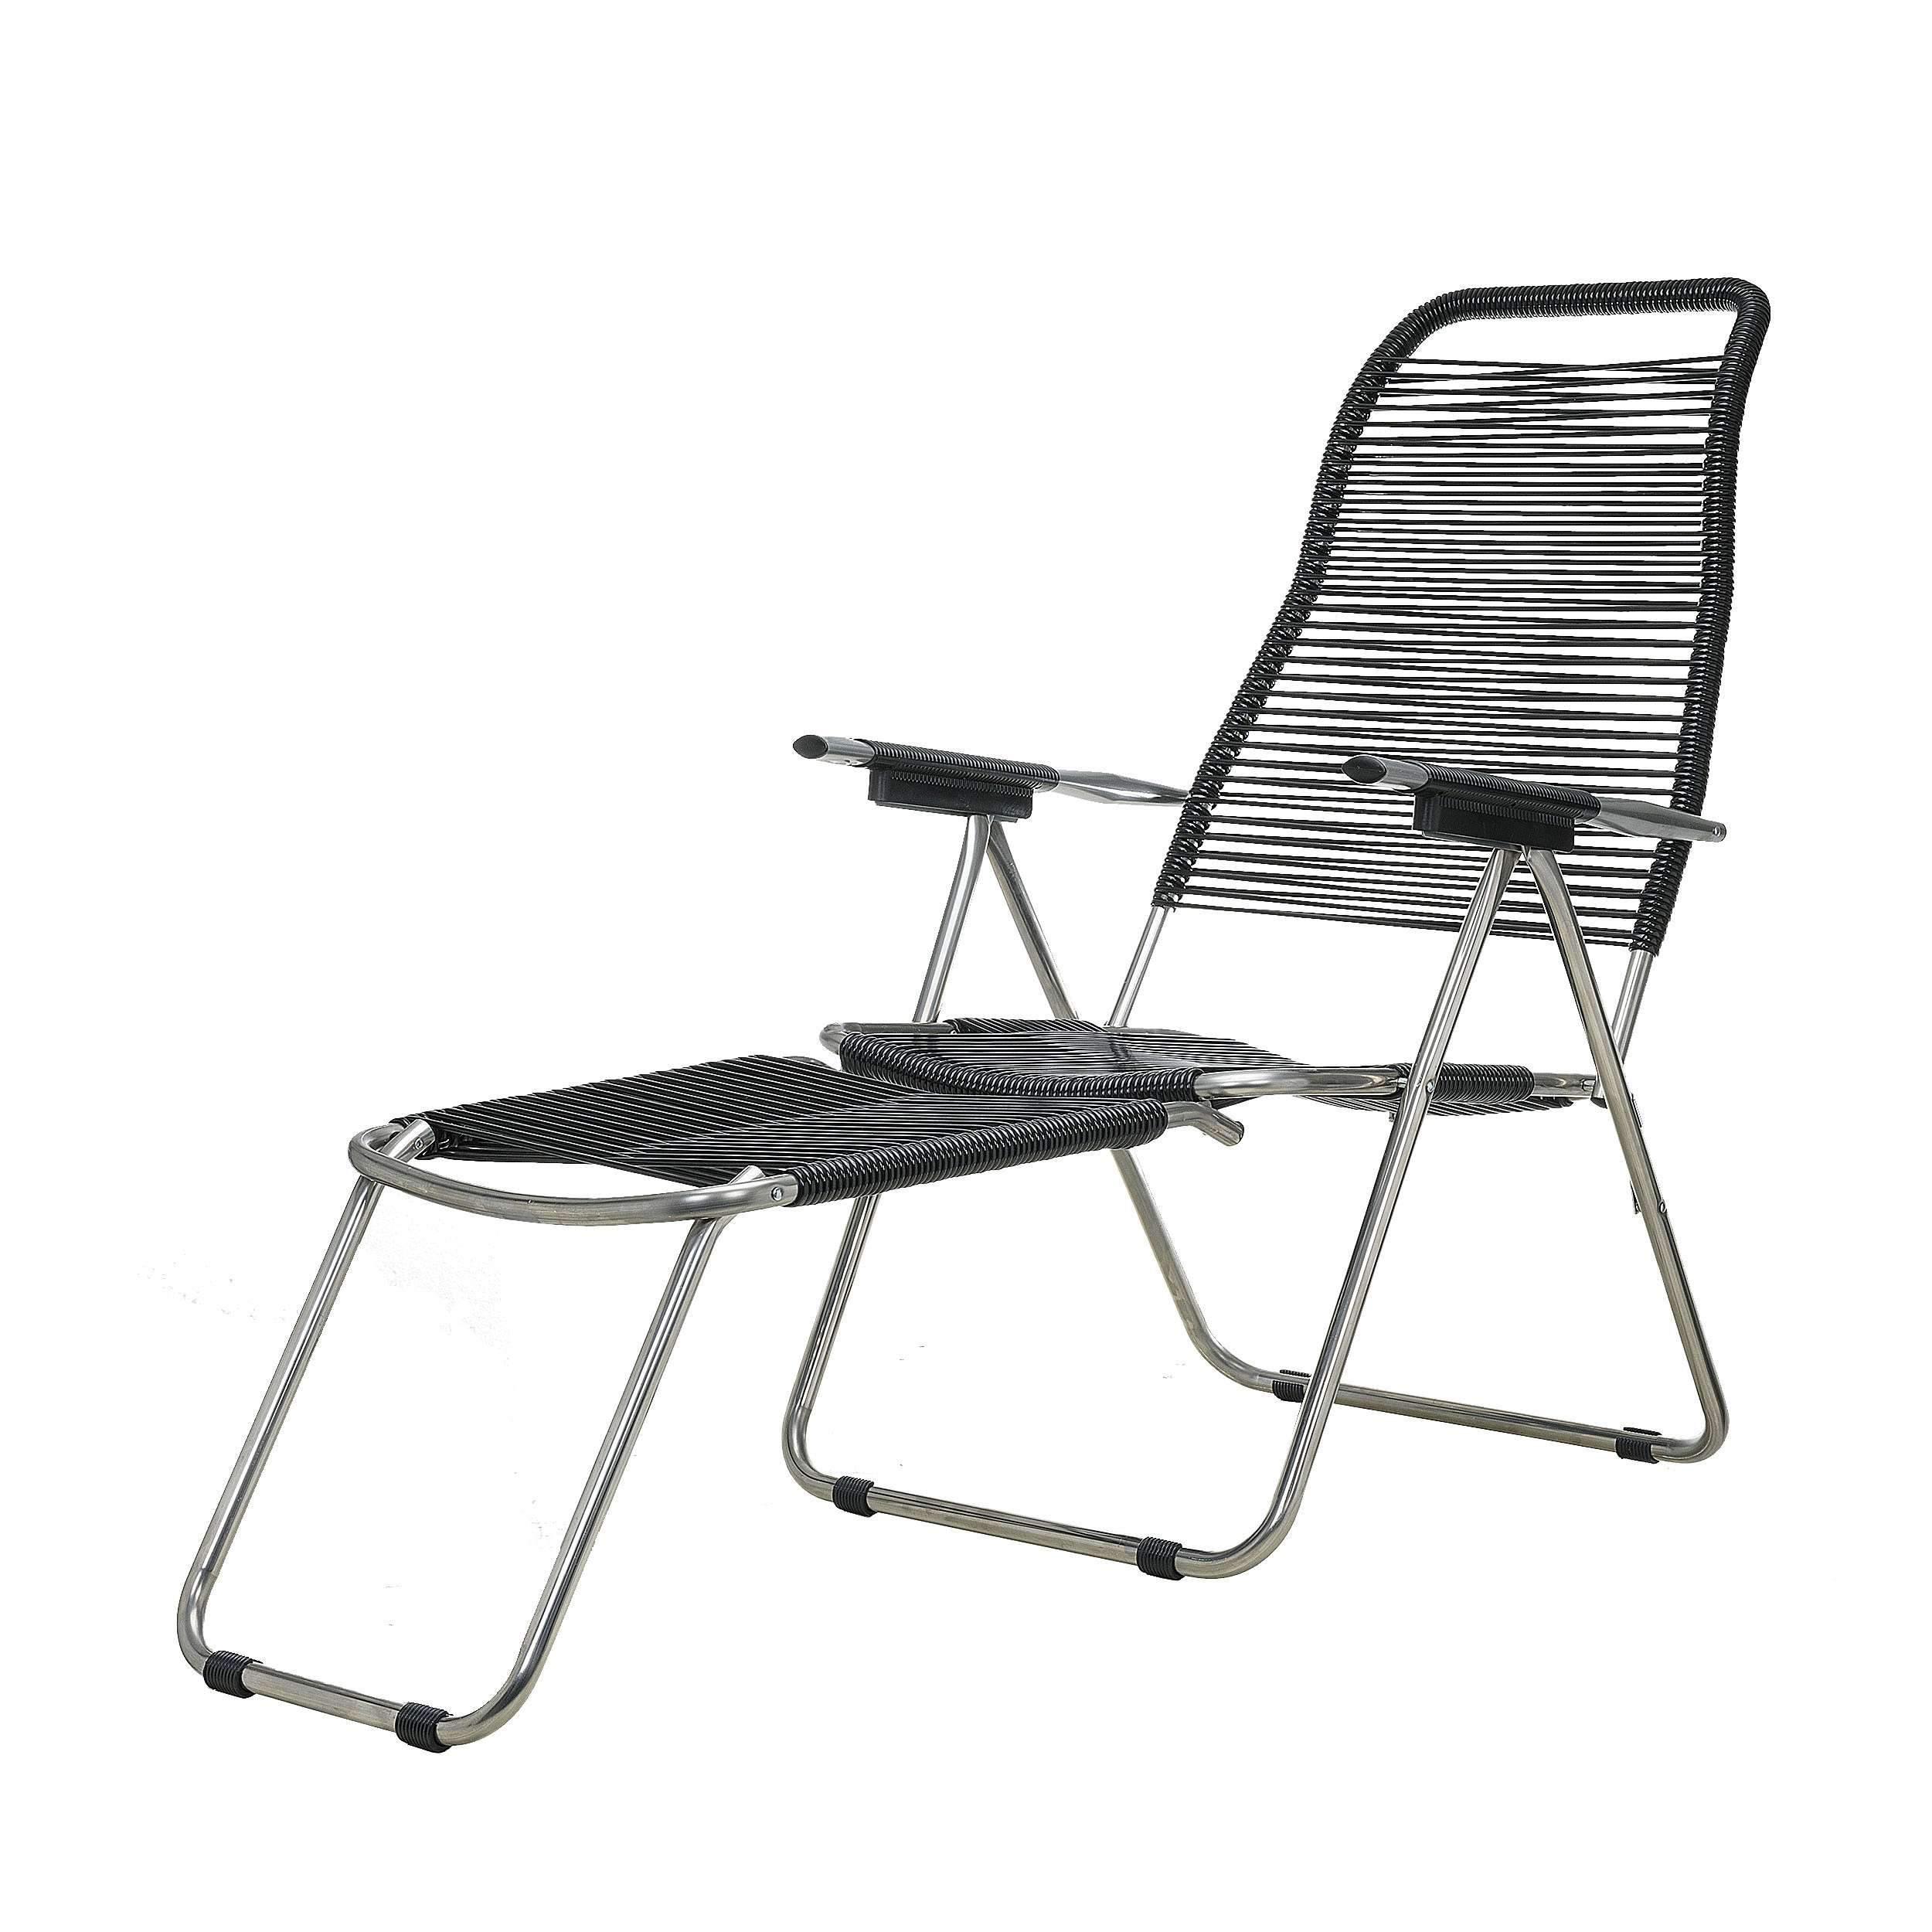 spaghetti liegestuhl und sessel schwarz a 002 21